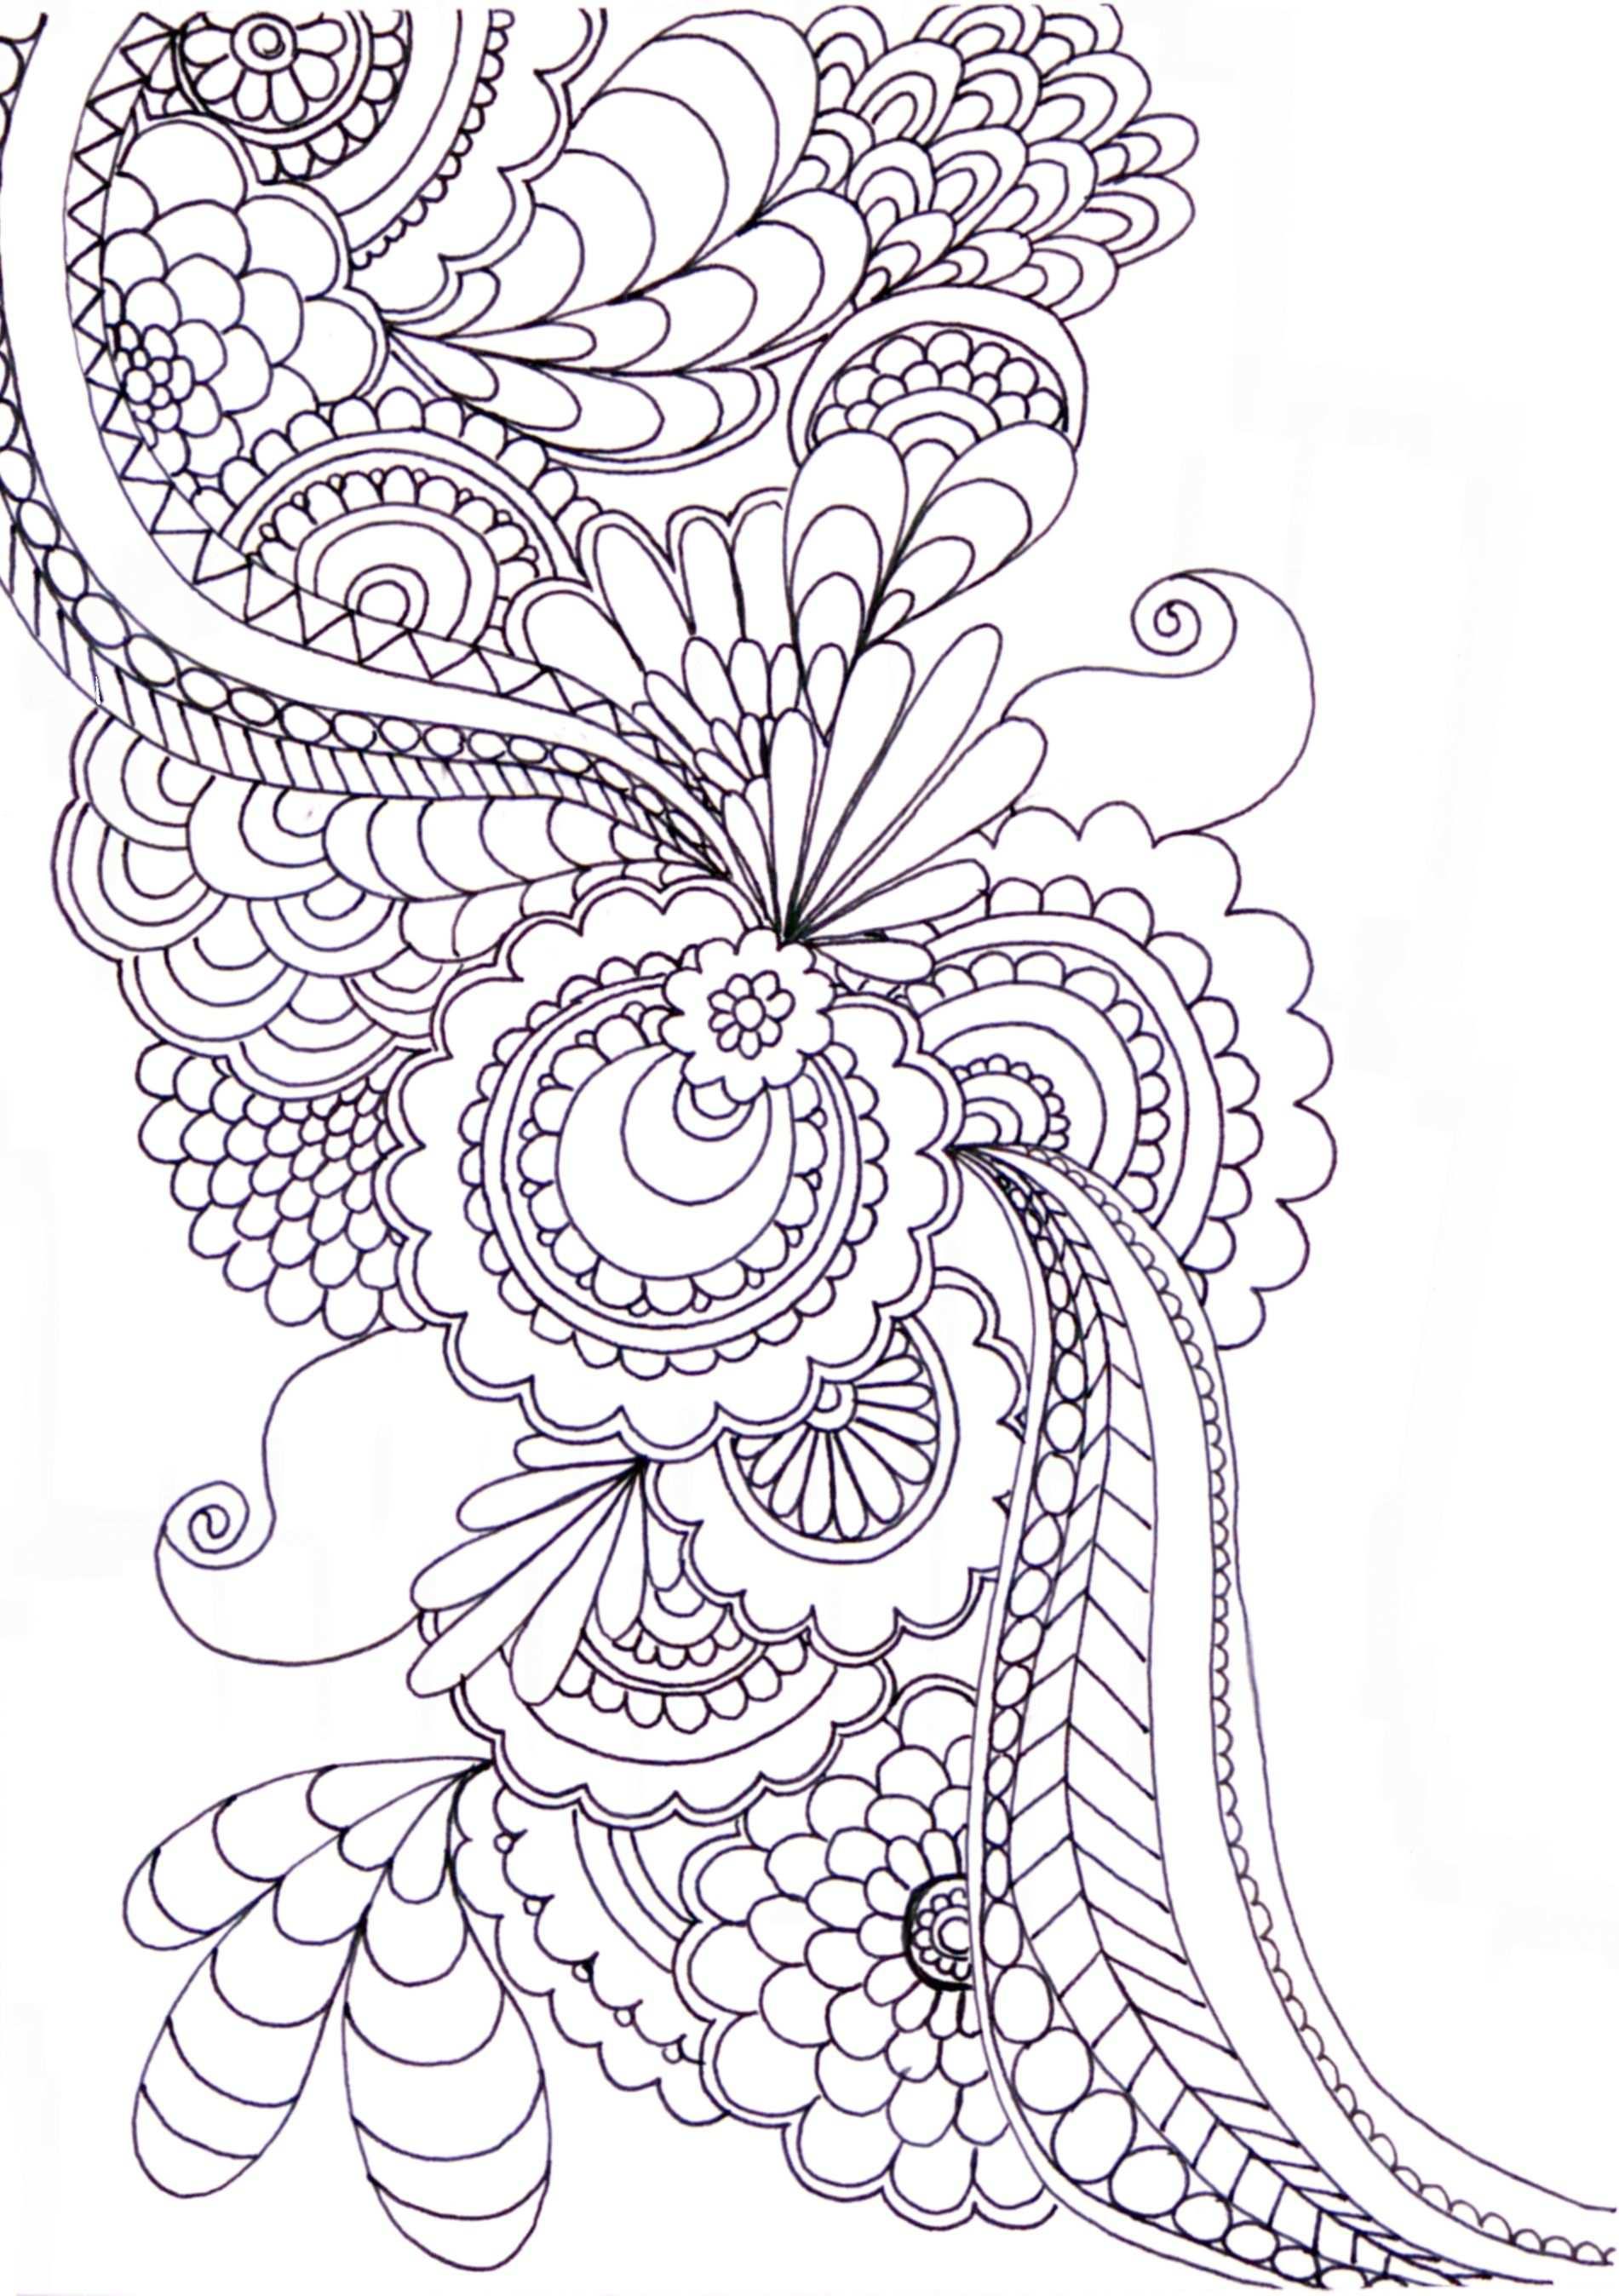 Pin Von Lisa Sutherland Auf Tangled Designs Kostenlose Erwachsenen Malvorlagen Malvorlagen Blumen Ausmalbilder